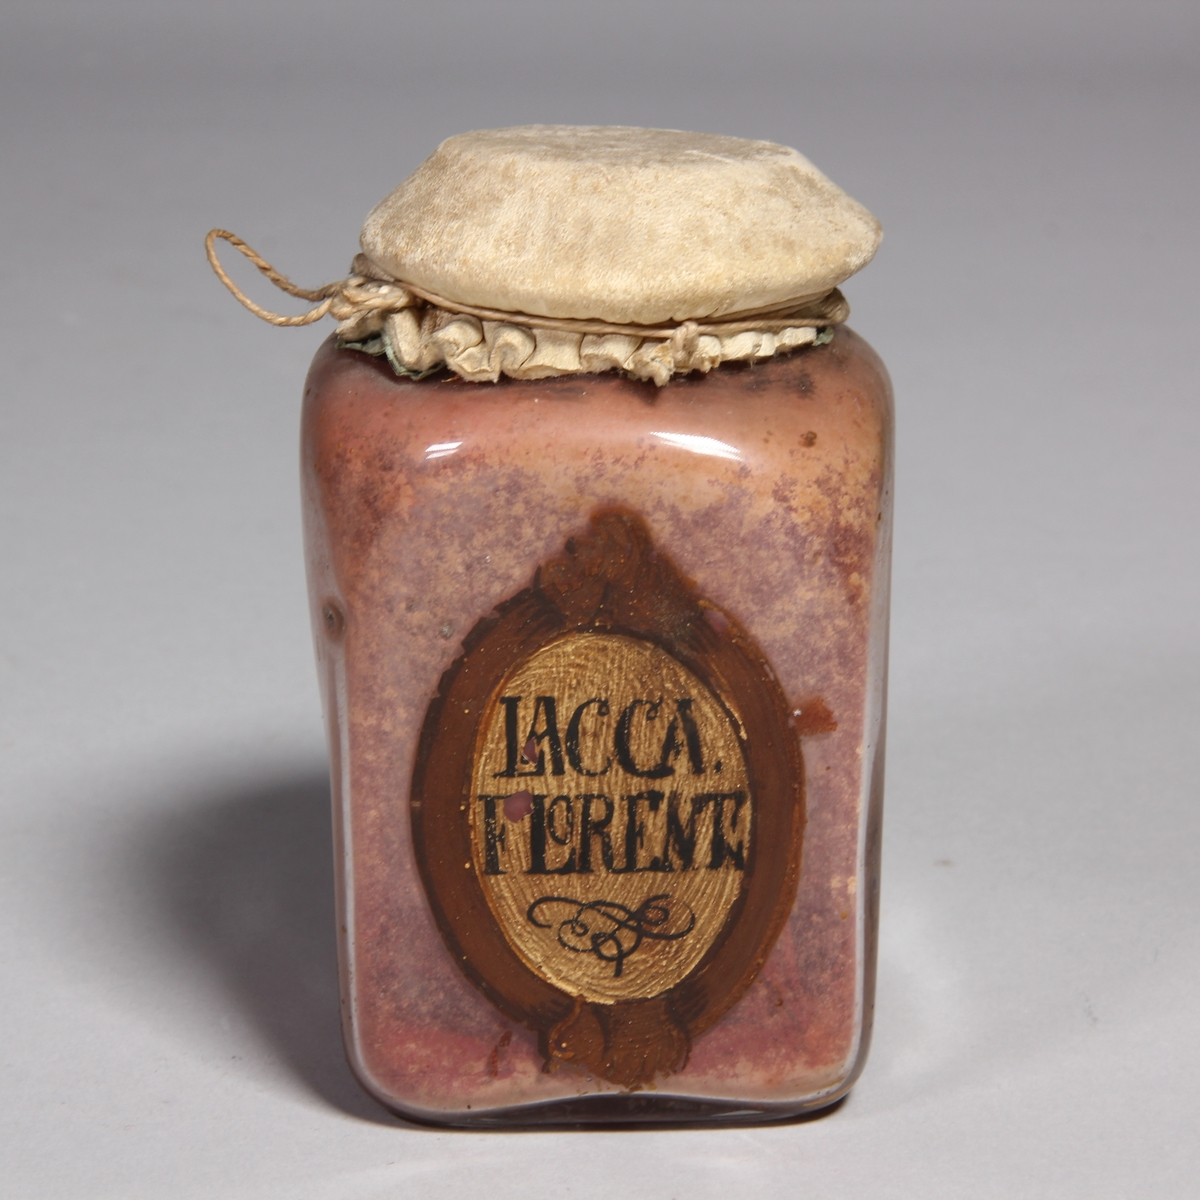 Burk av klart glas, kvadratisk med runt överbundet lock av skinn fäst med snöre. Innehåller rosa pulver.